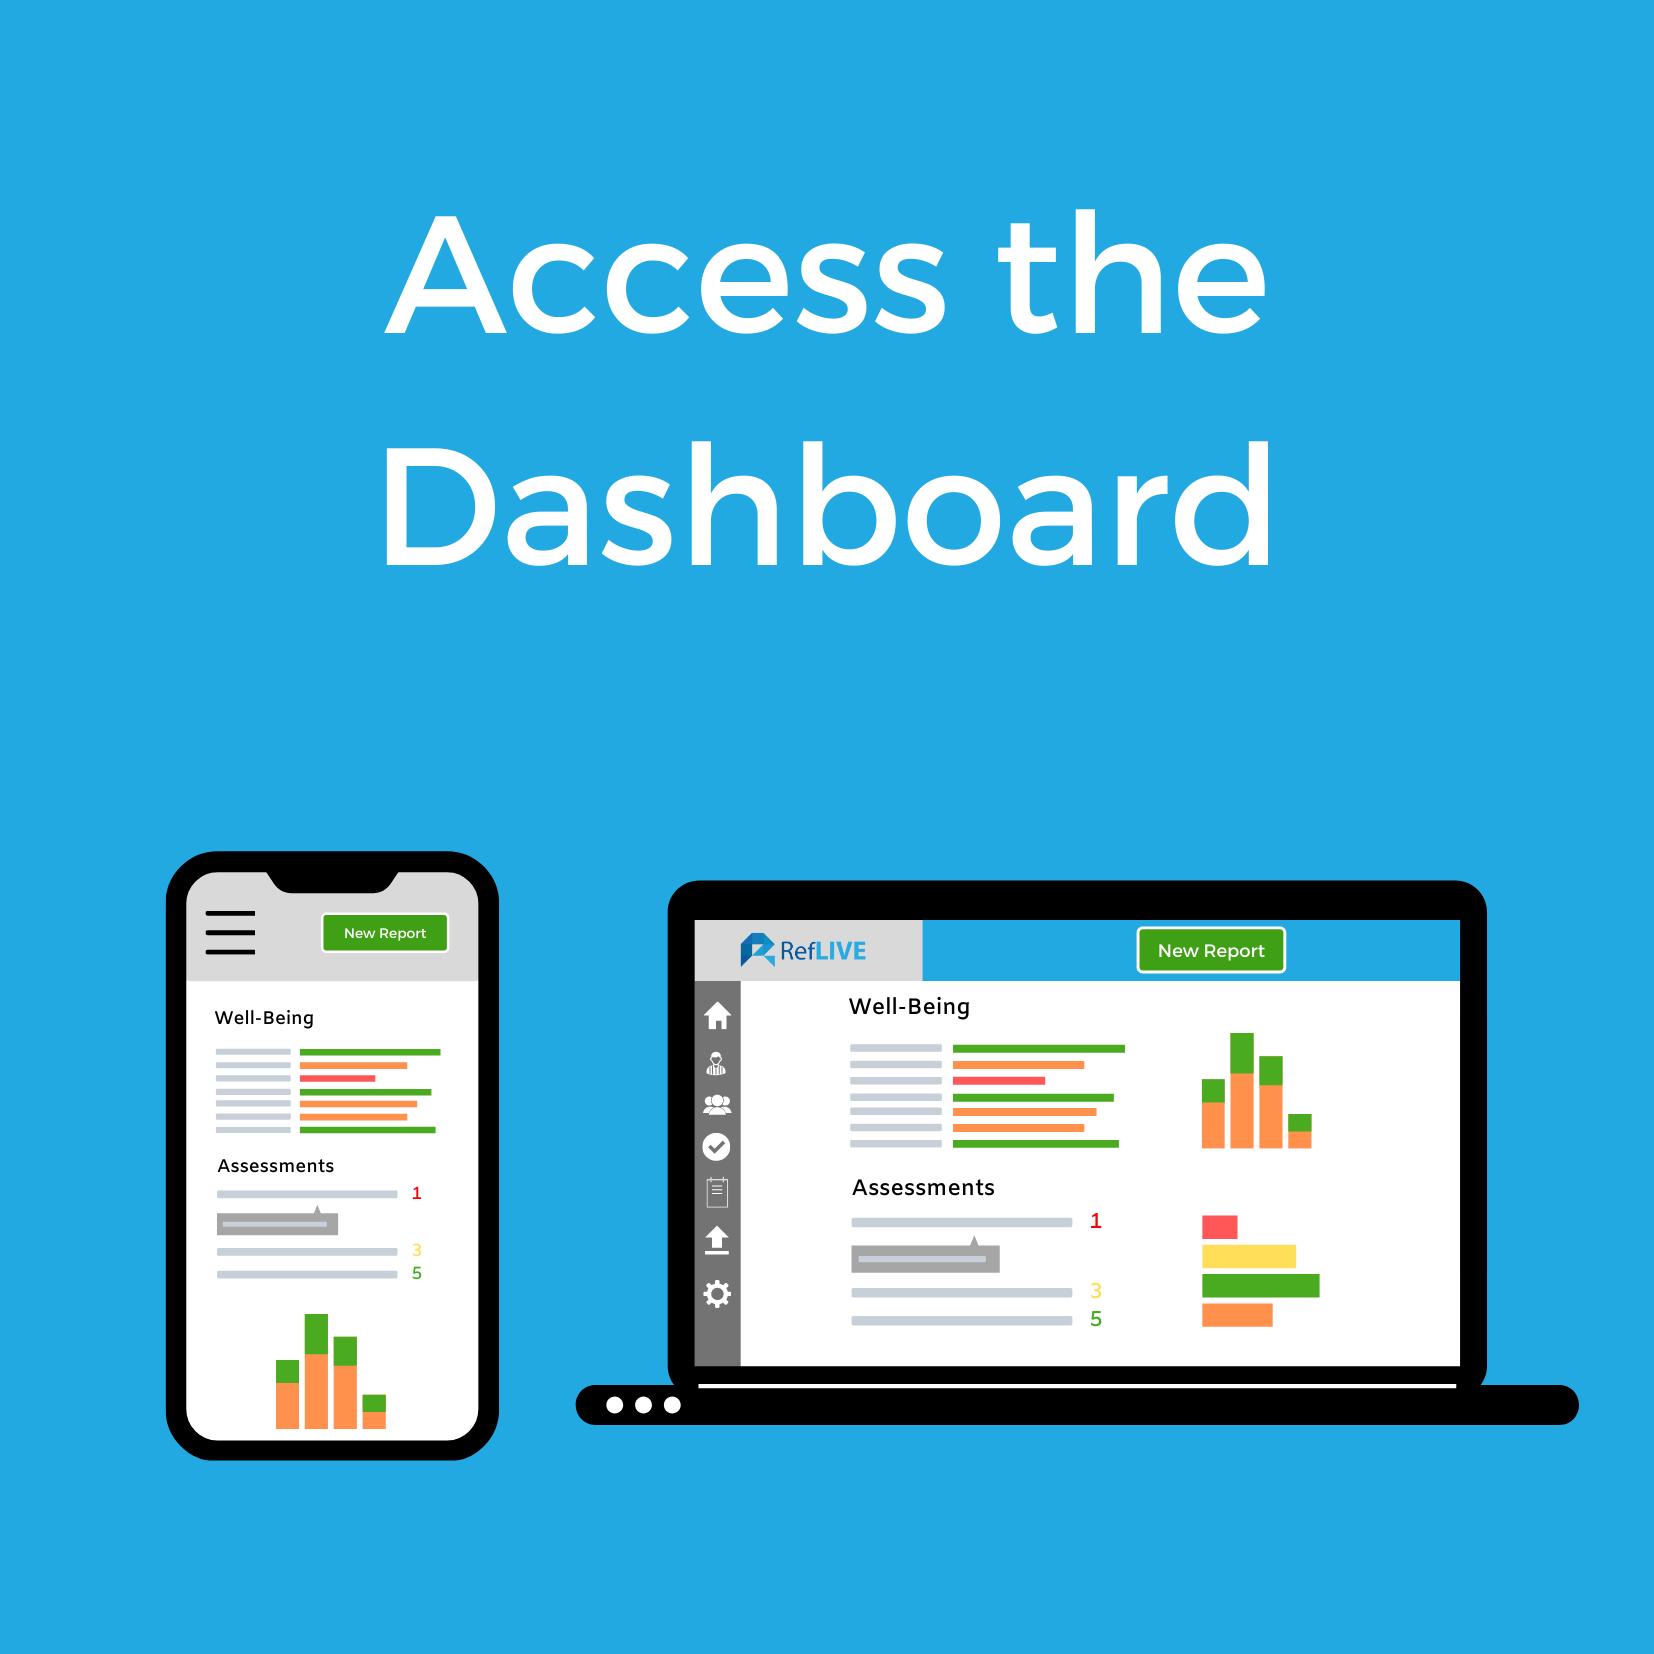 Access the Dashboard